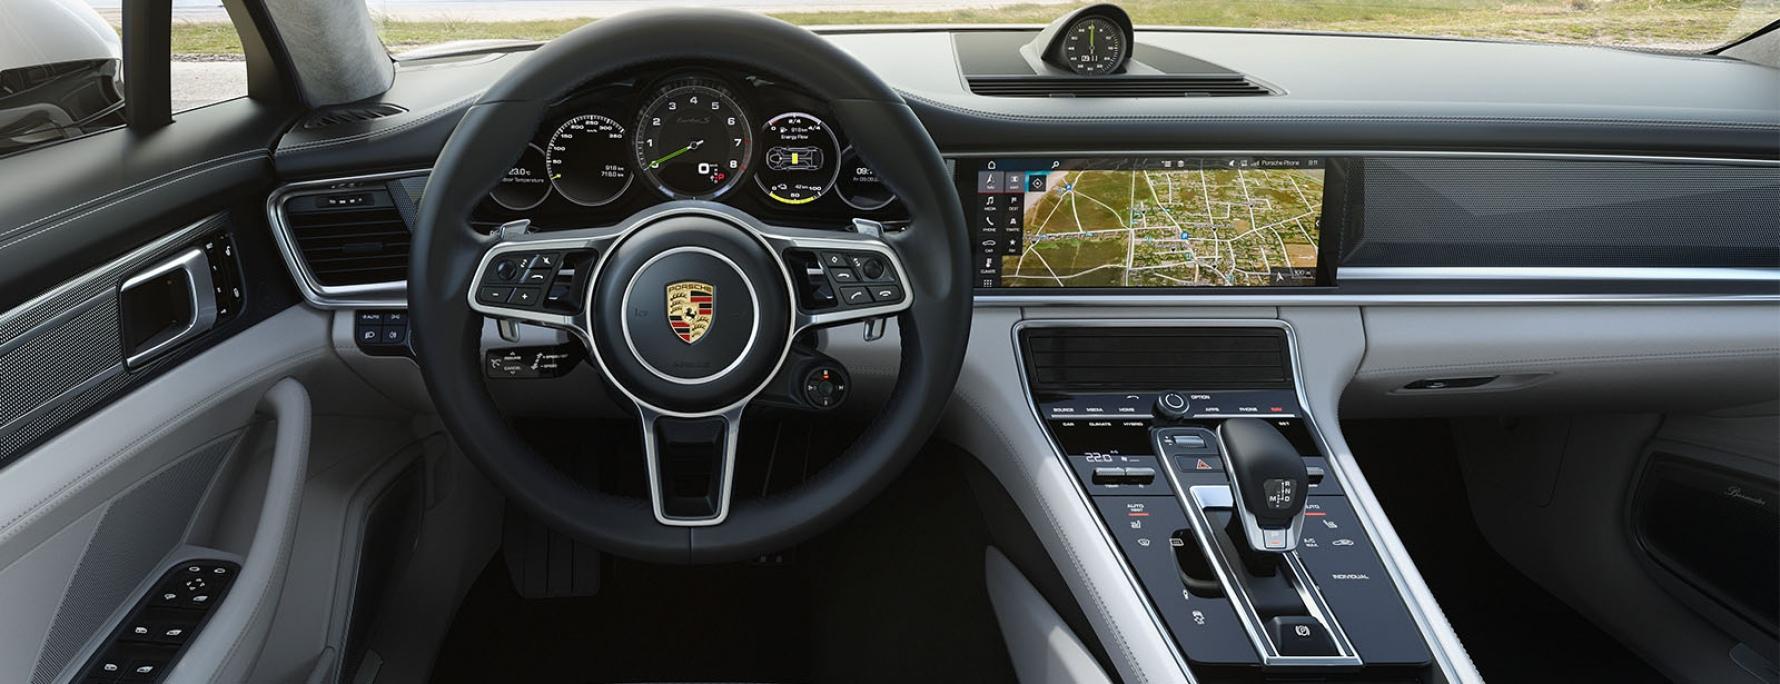 Conceito Do Interior E Conectividade Panamera Turbo S E Hybrid Sport Turismo